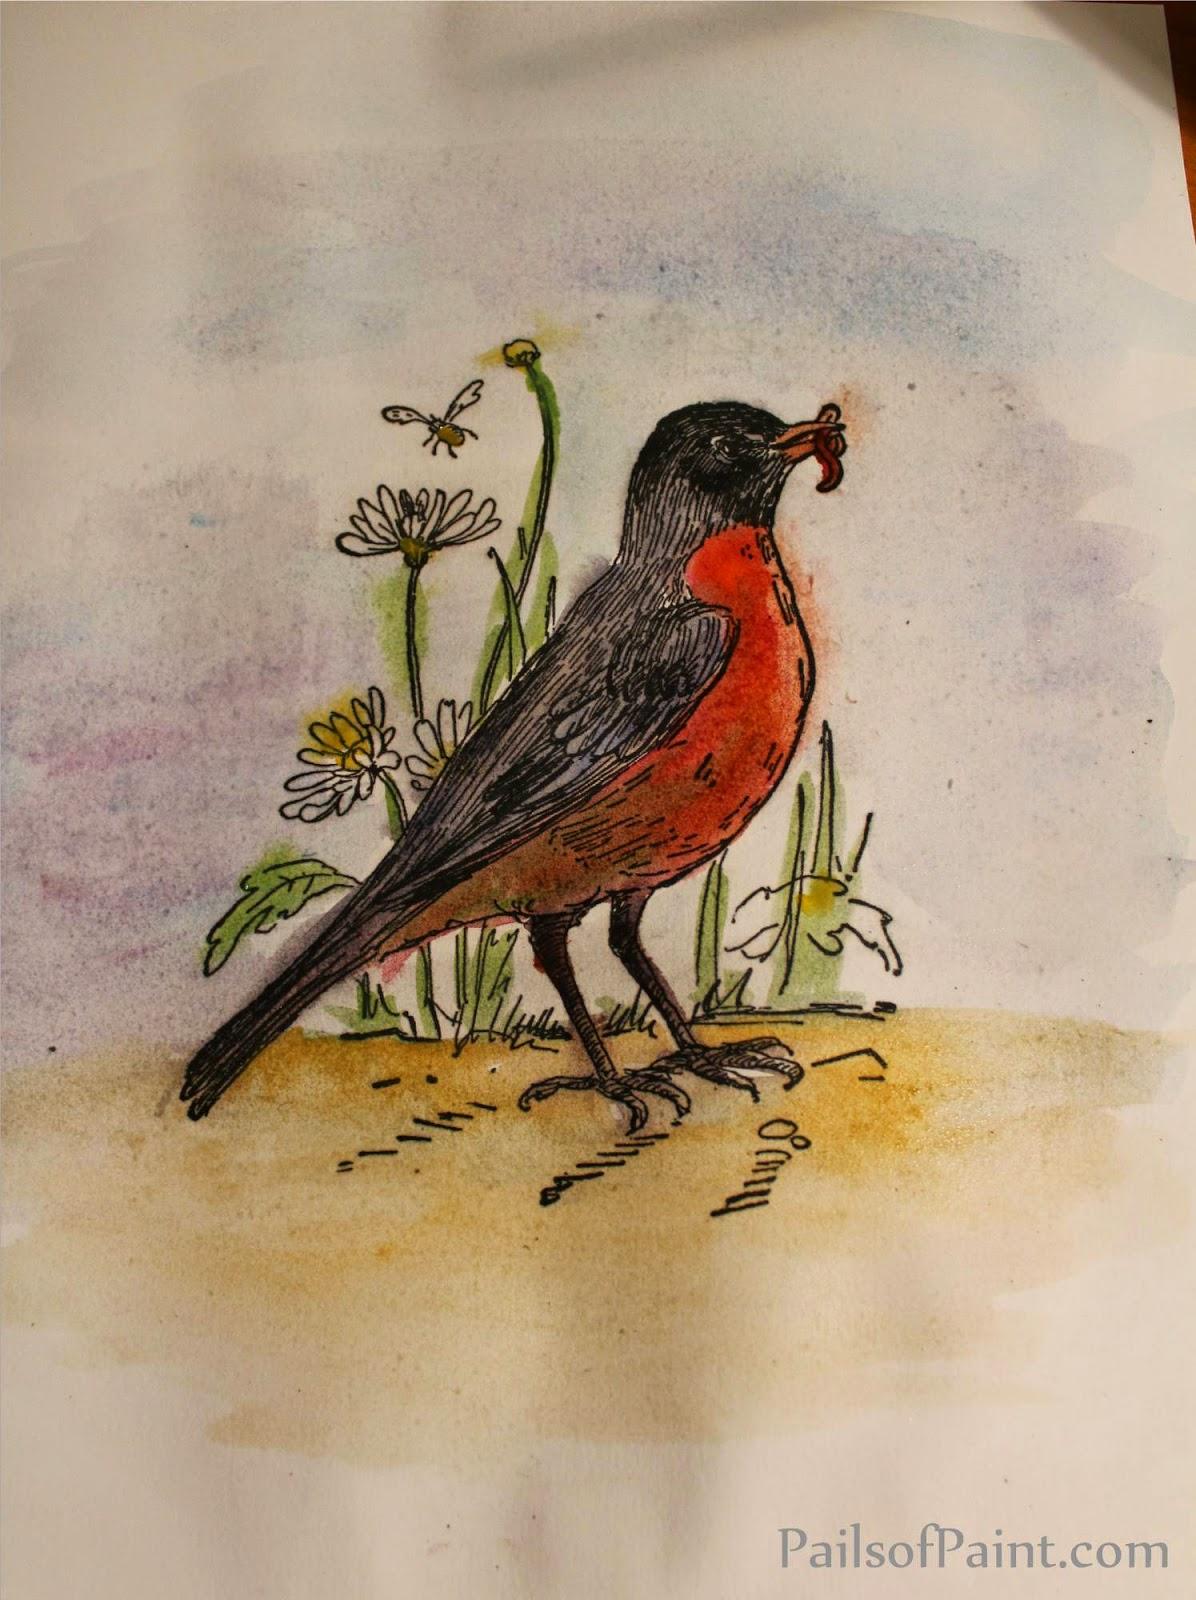 Drawn robin vintage An all always drawn It